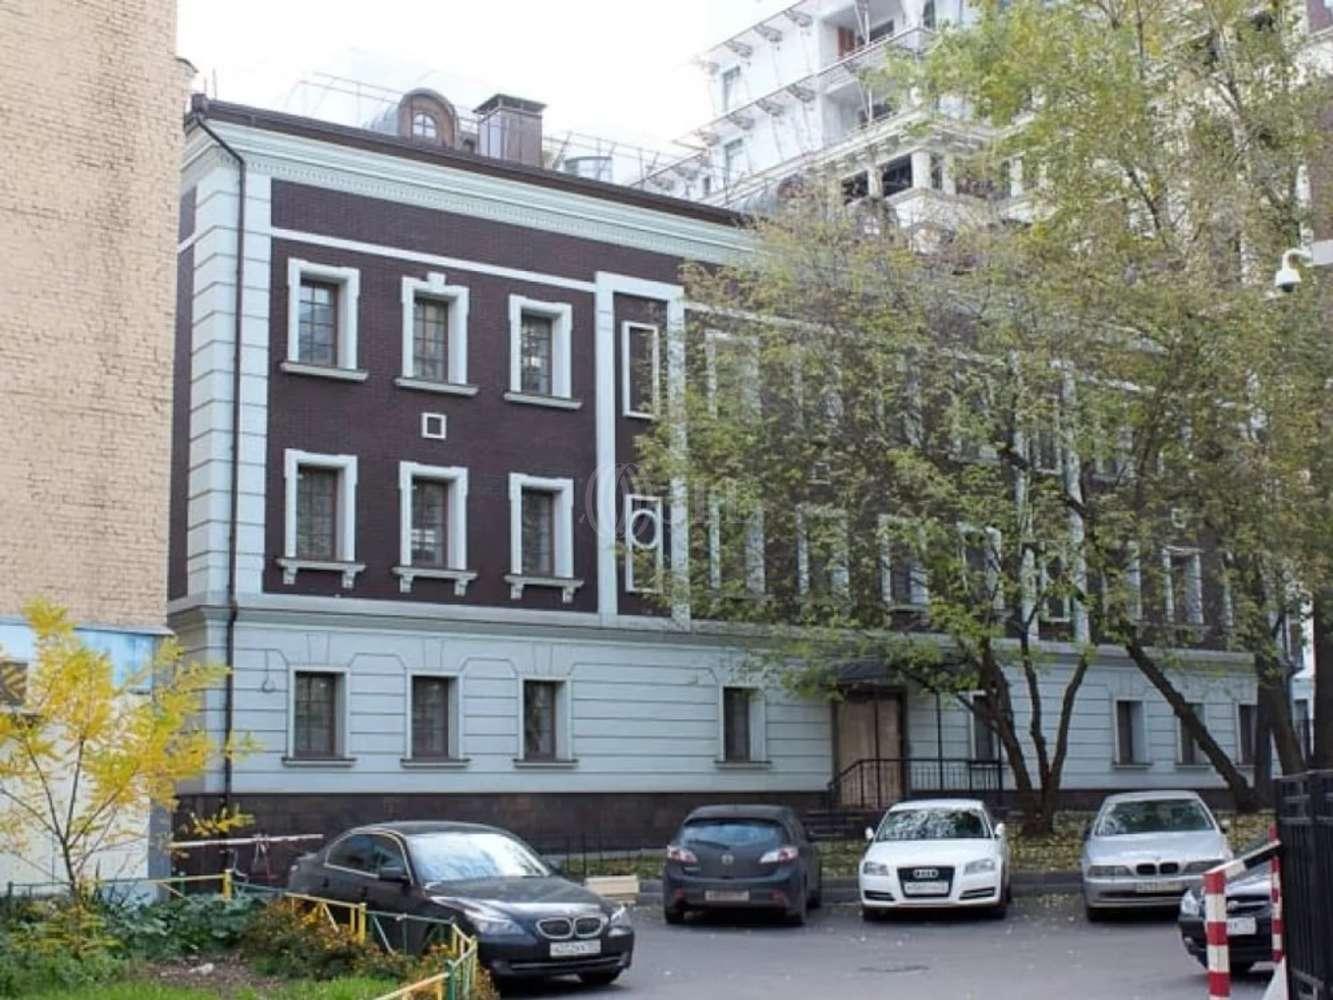 Офисная недвижимость Москва - Бродников пер. 7 стр. 2